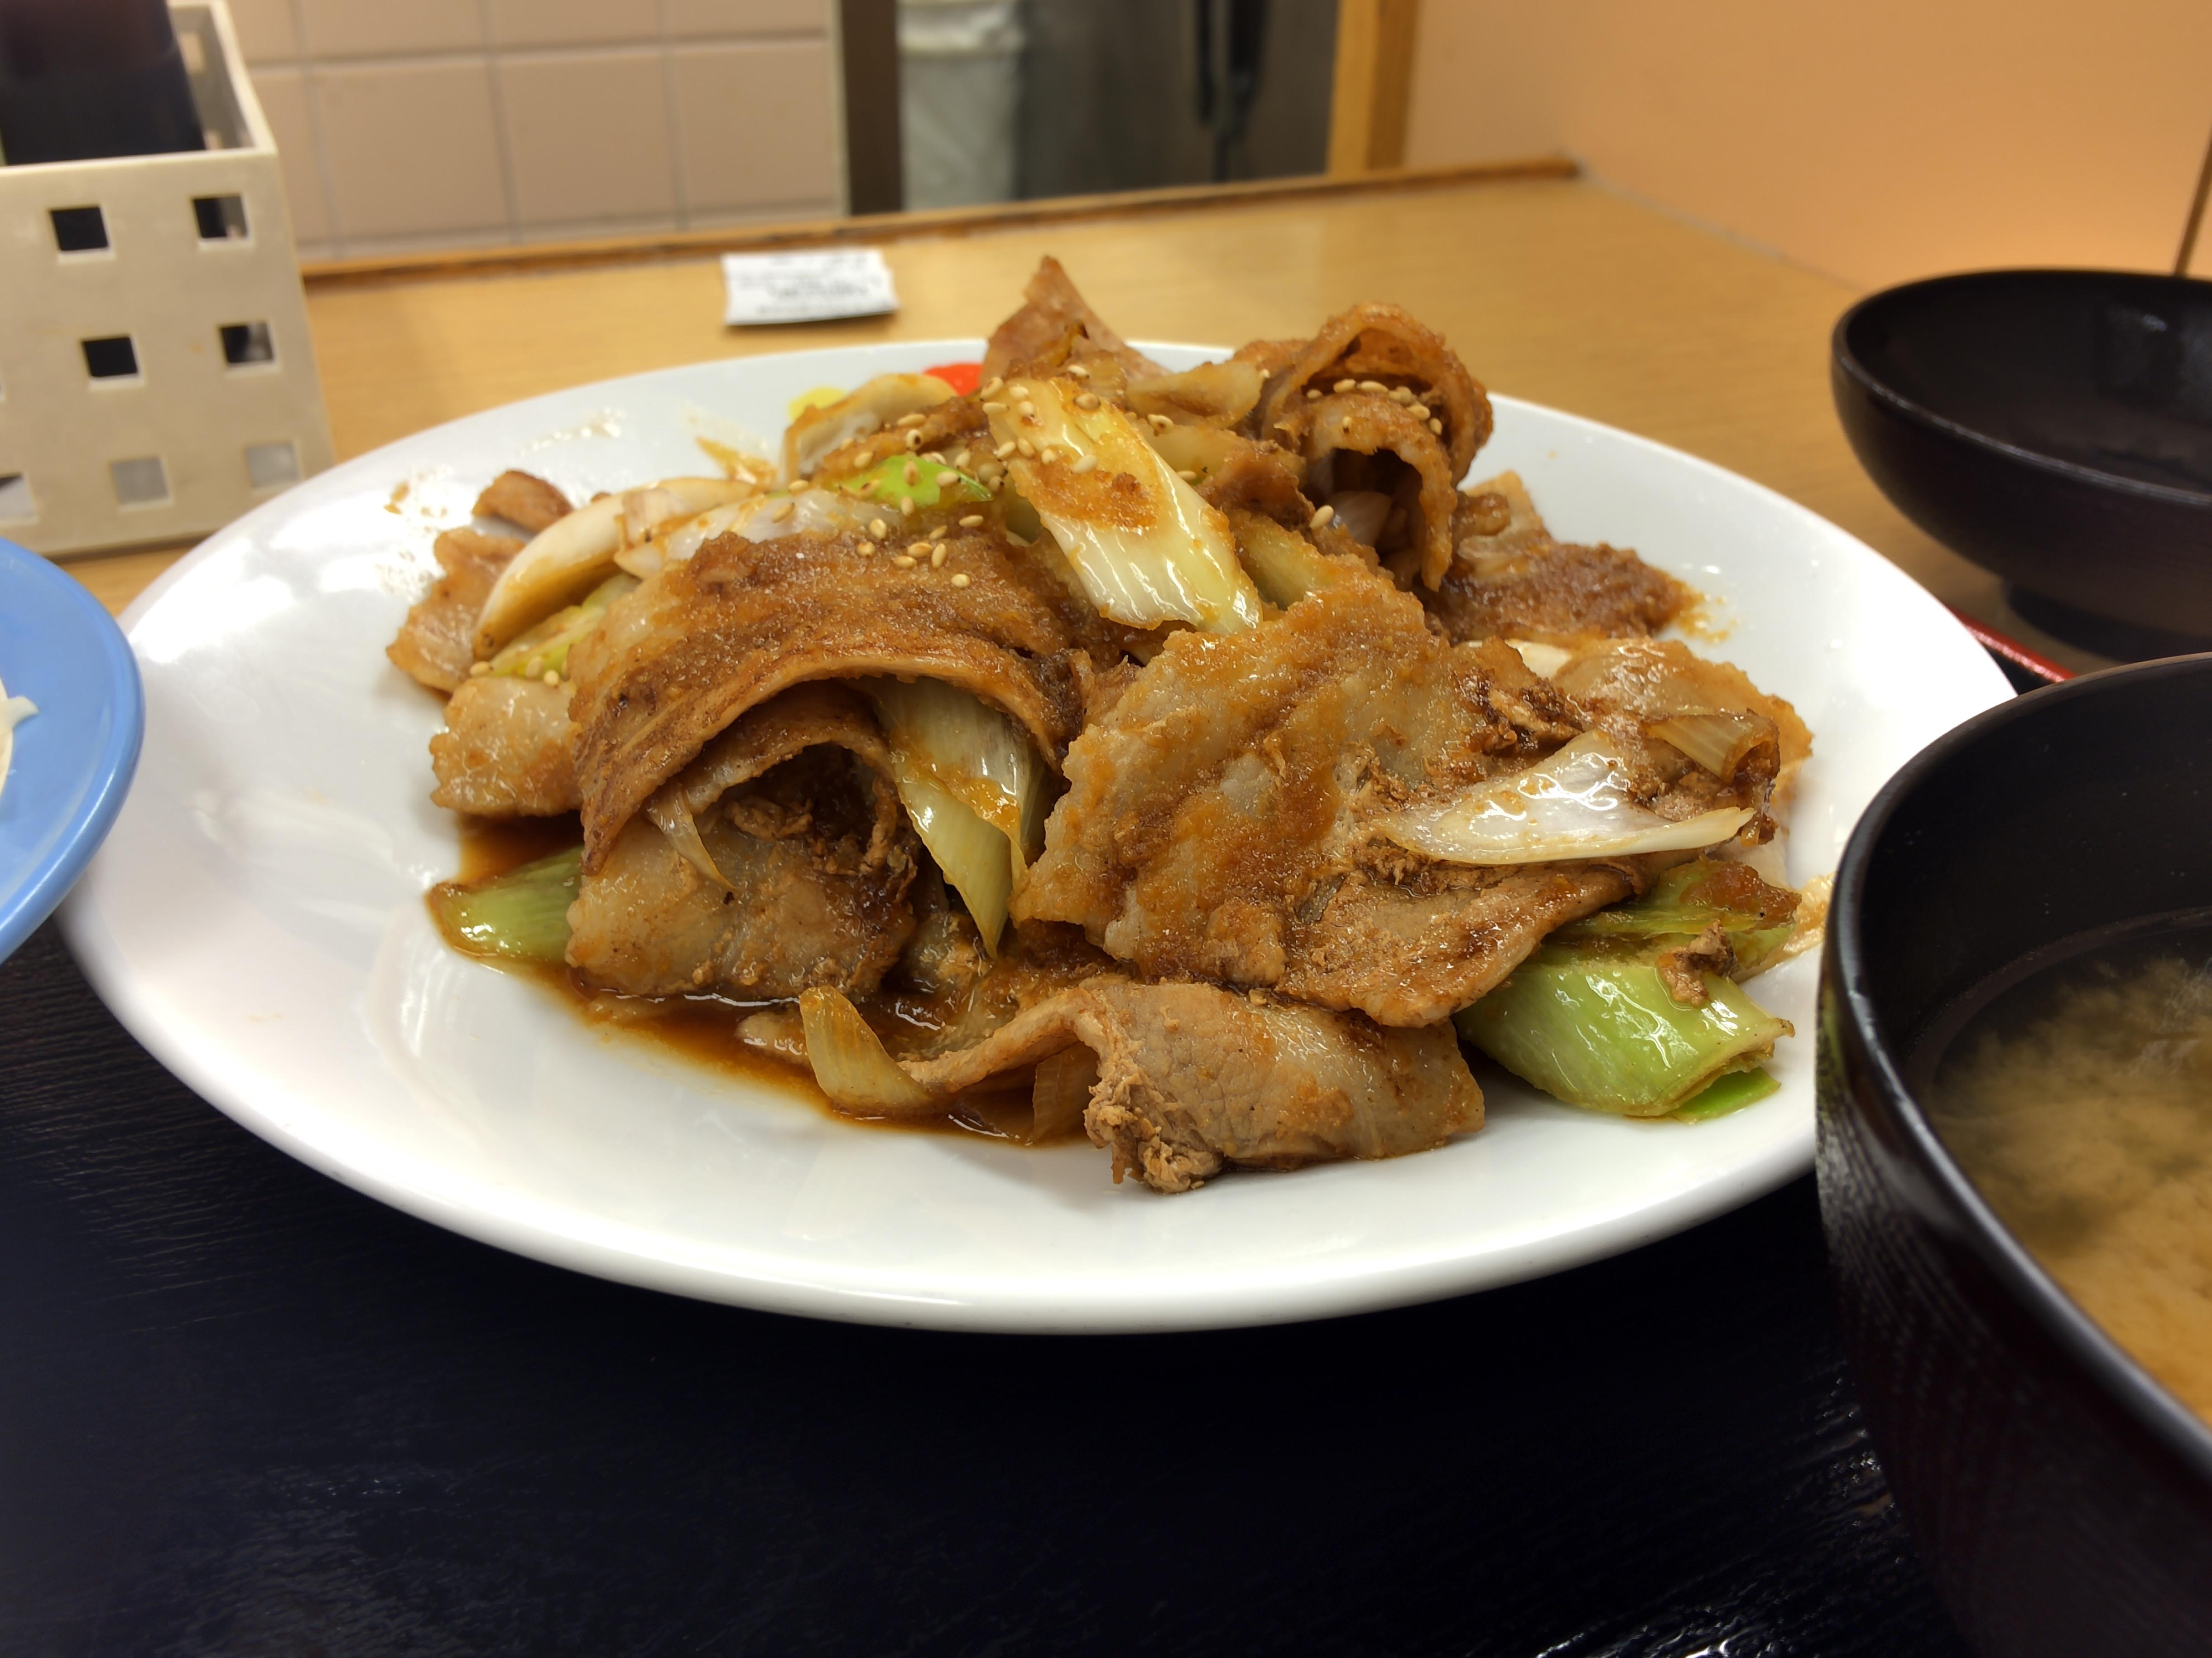 [松屋][豚バラ肉と長ネギの][生姜焼W定食][税込み930円][1441kcal]